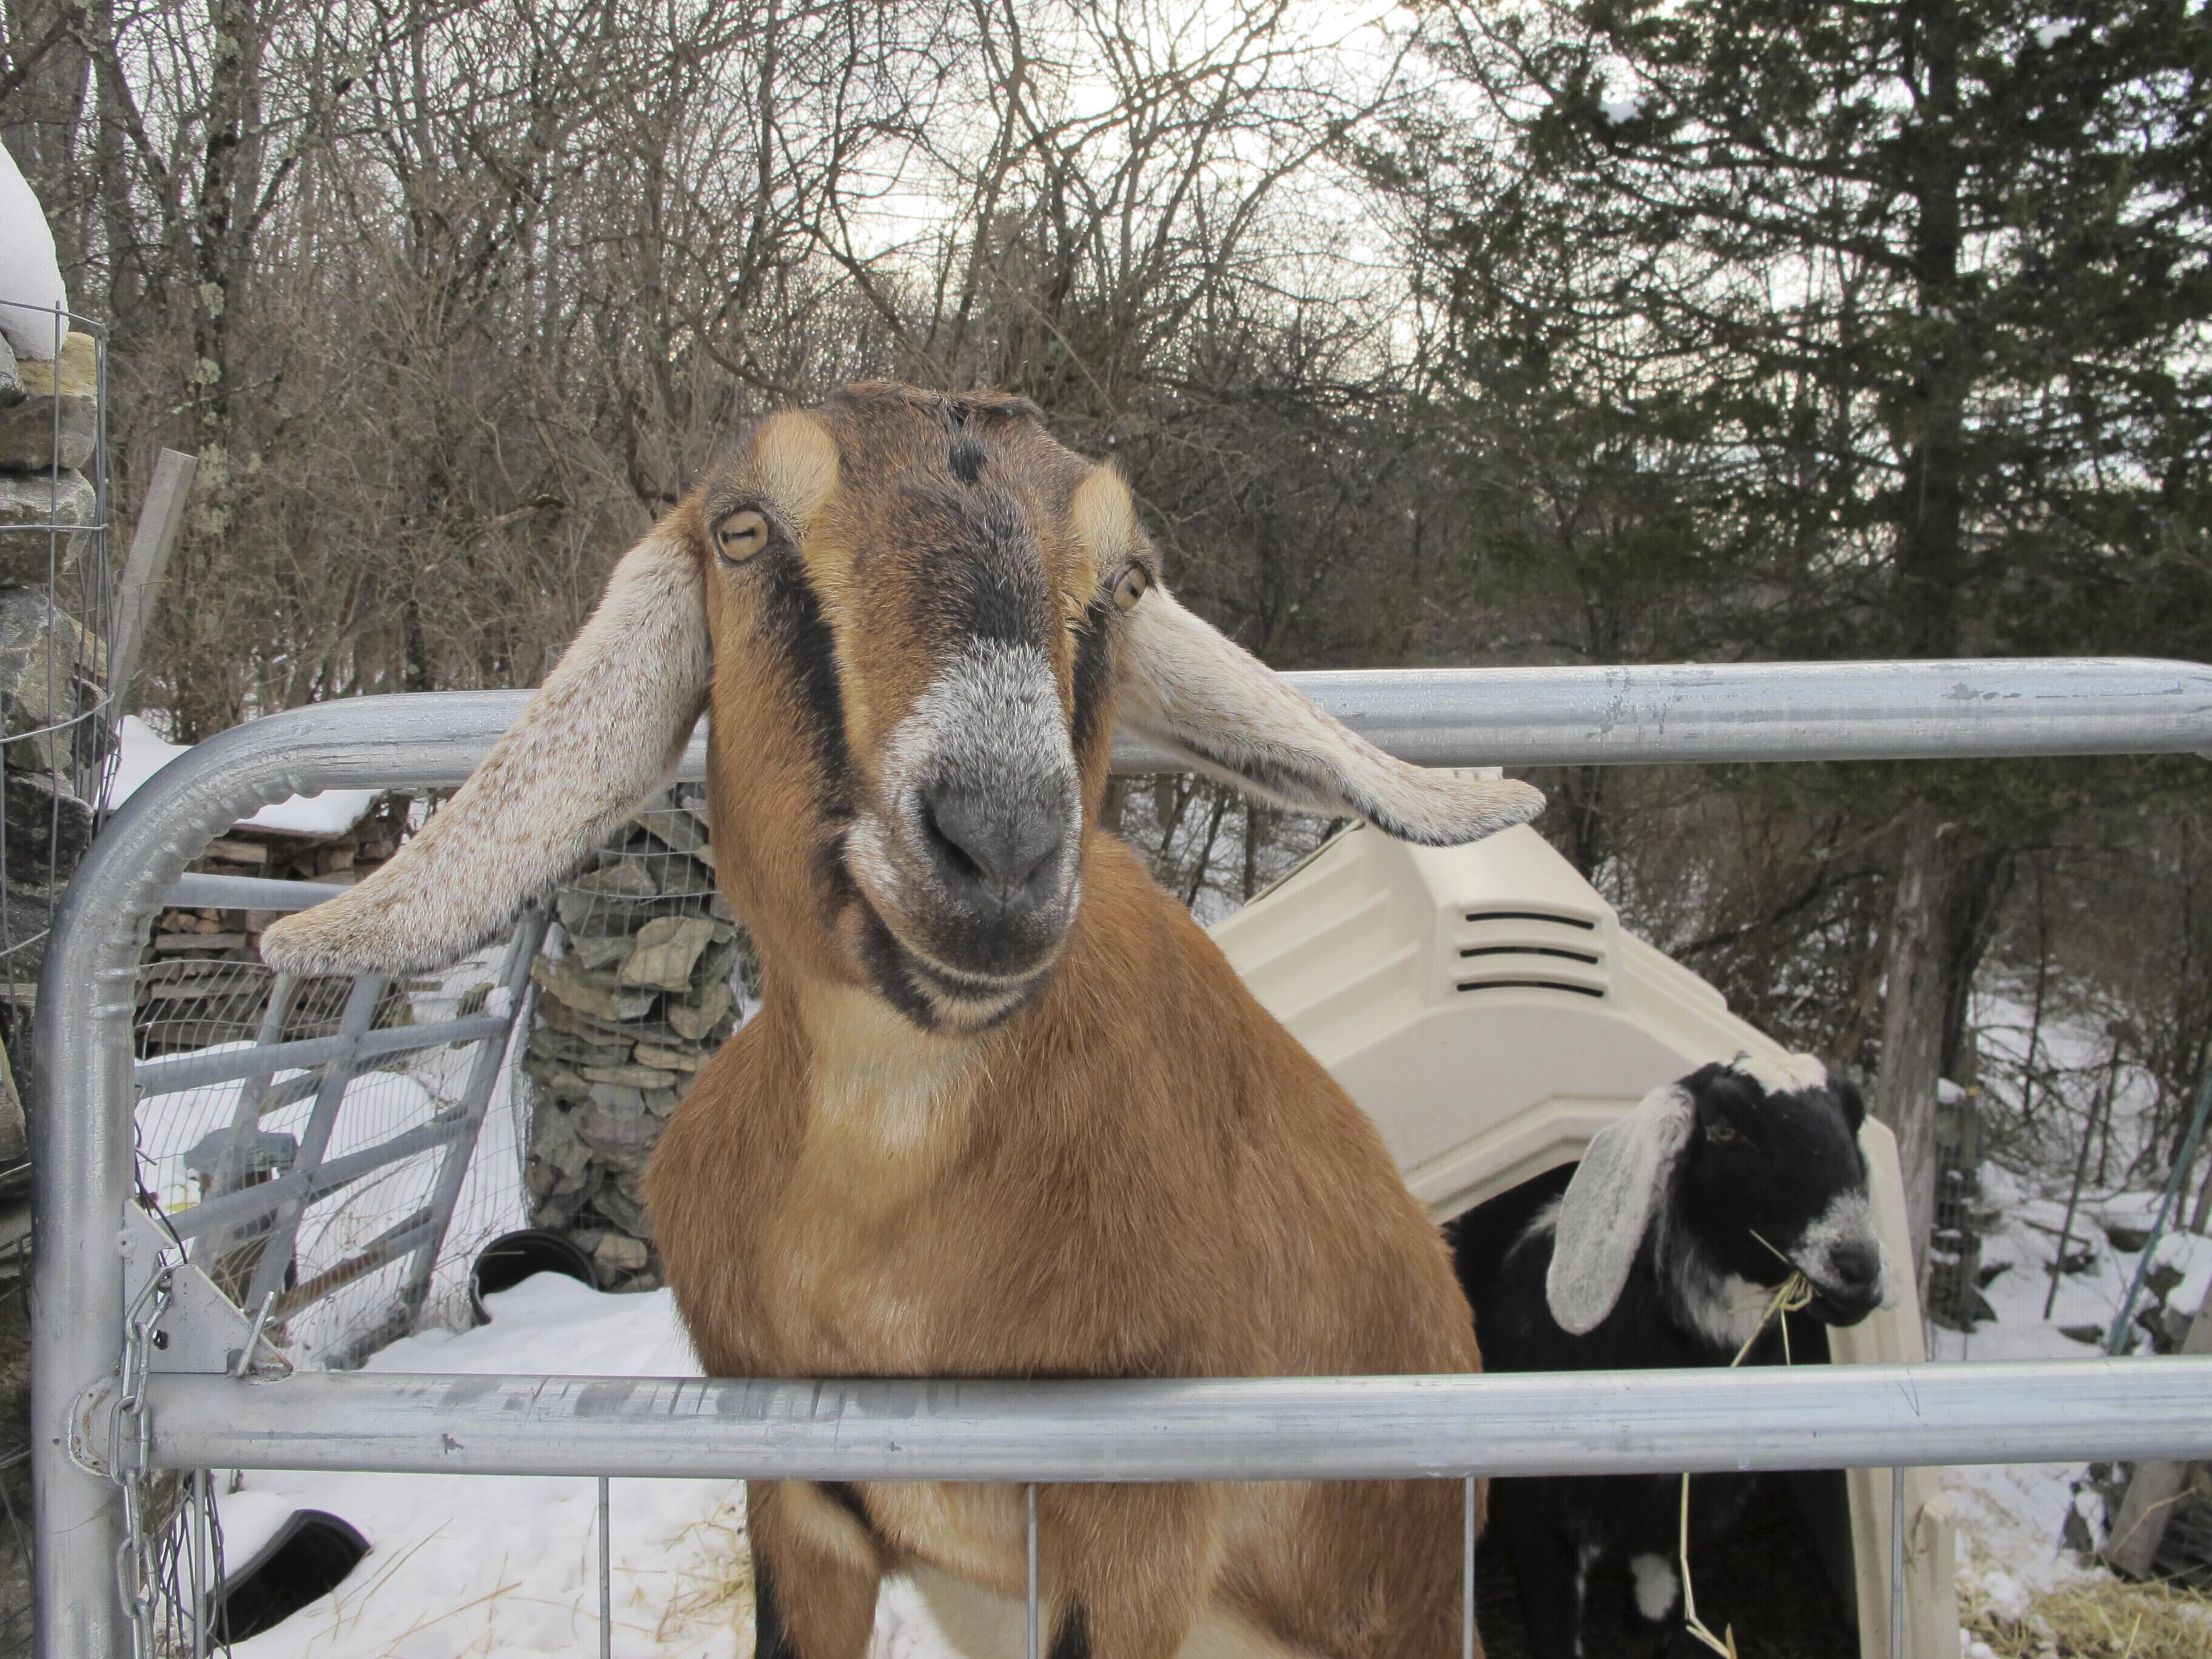 Goat running for mayor